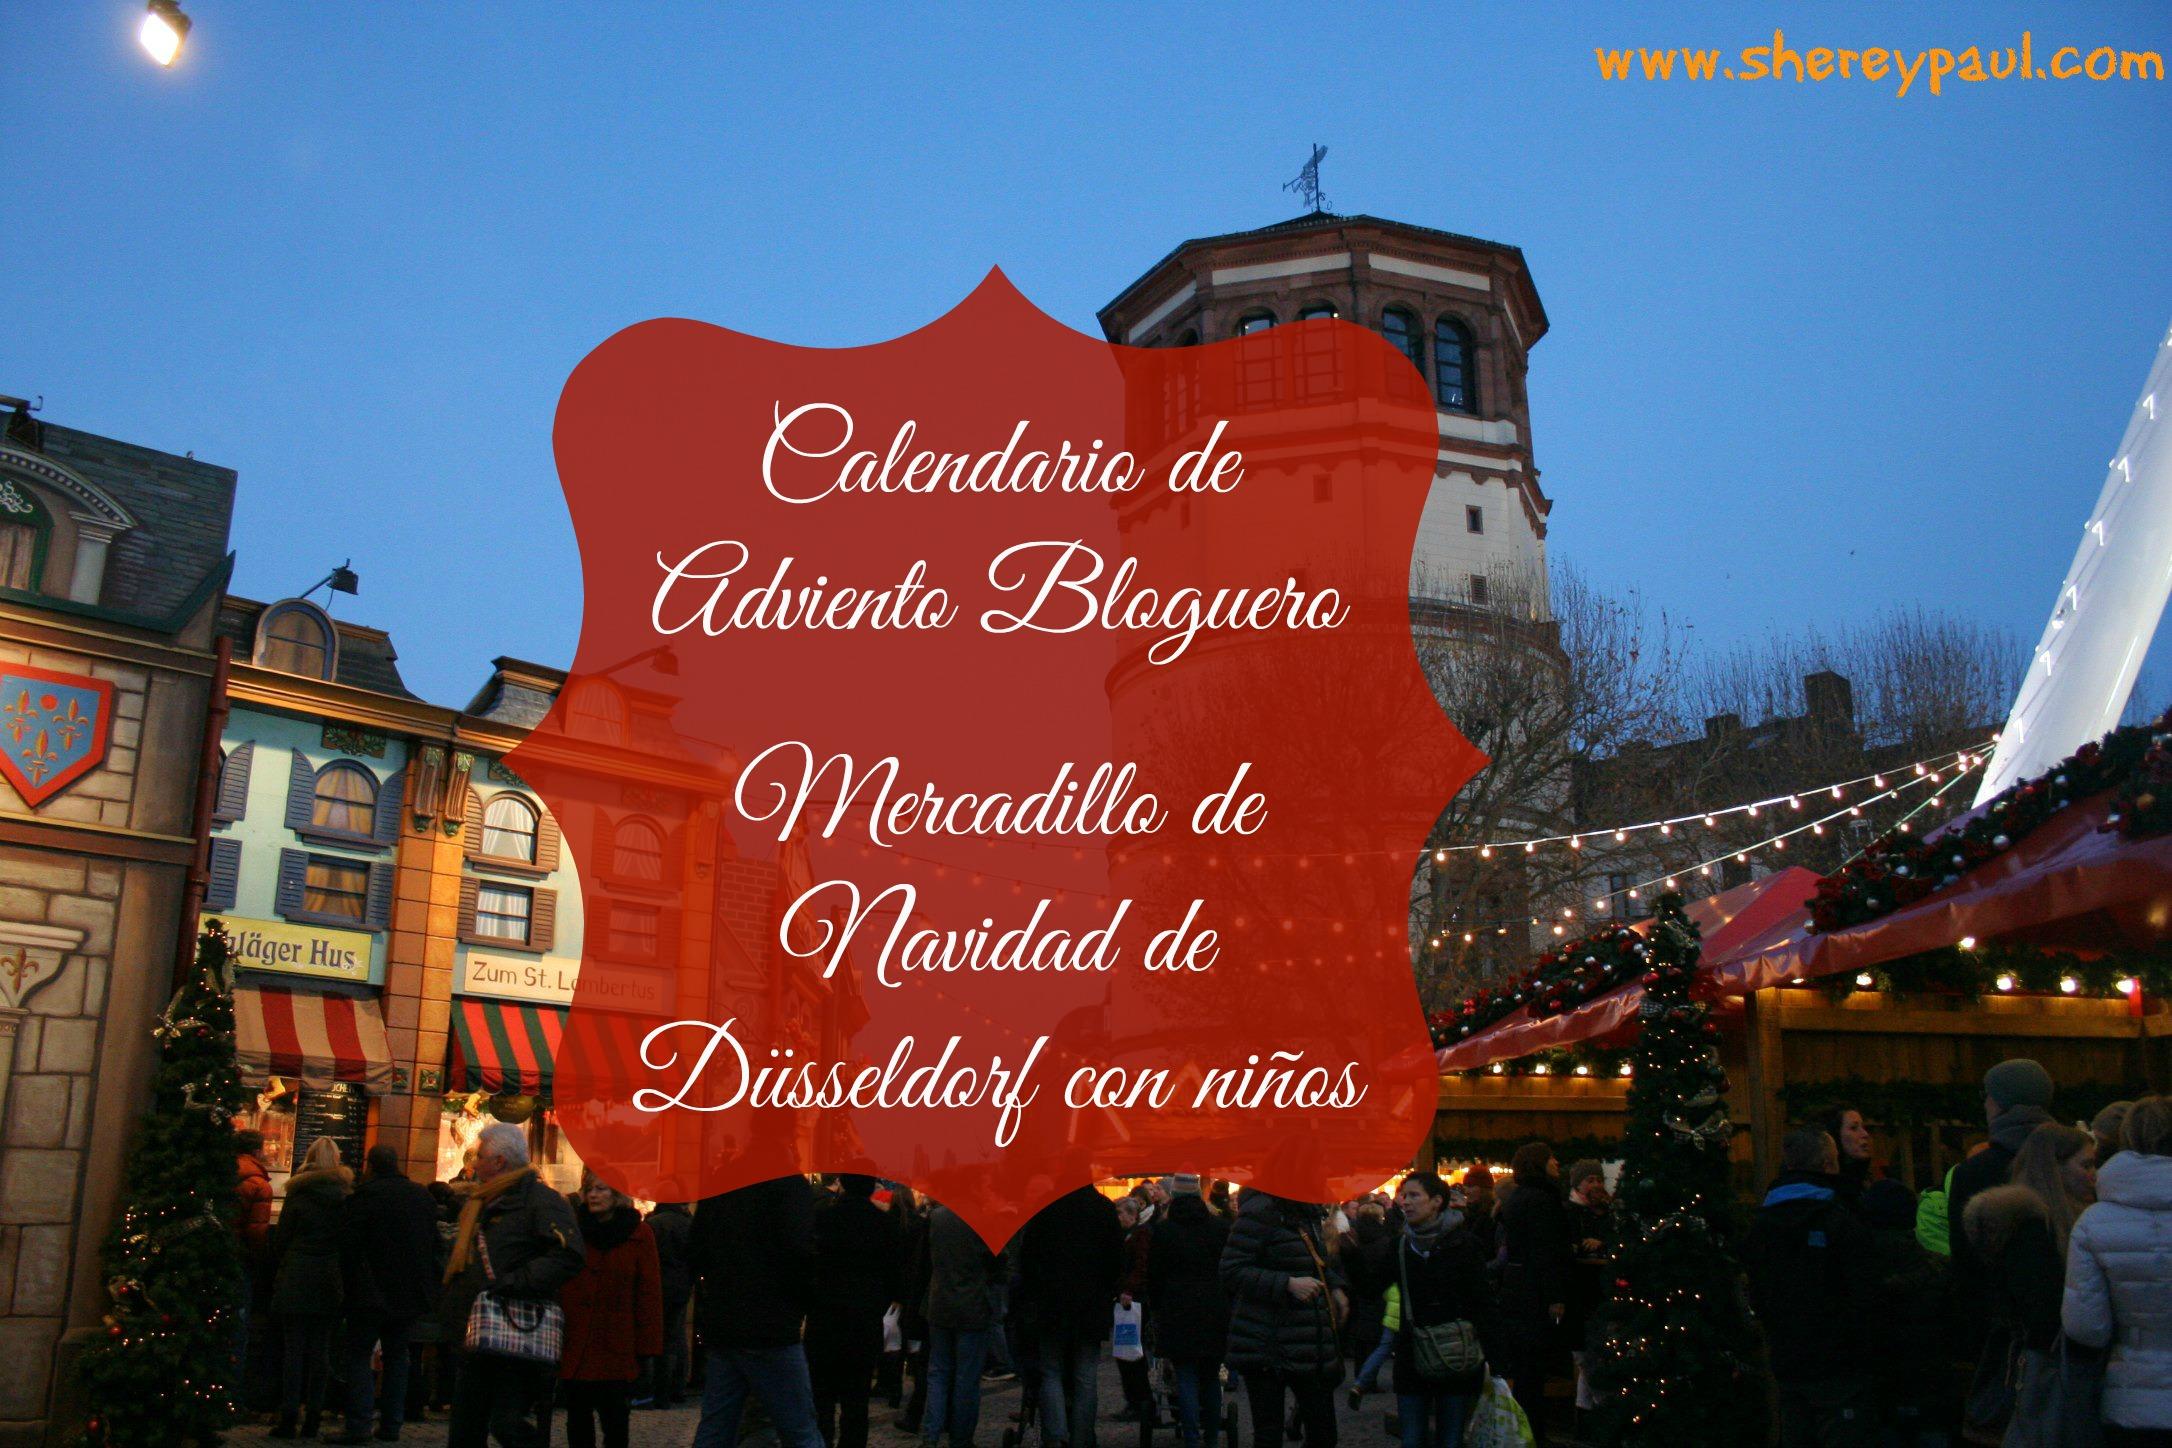 Calendario de adviento: Mercadillo de Navidad de Dusseldorf